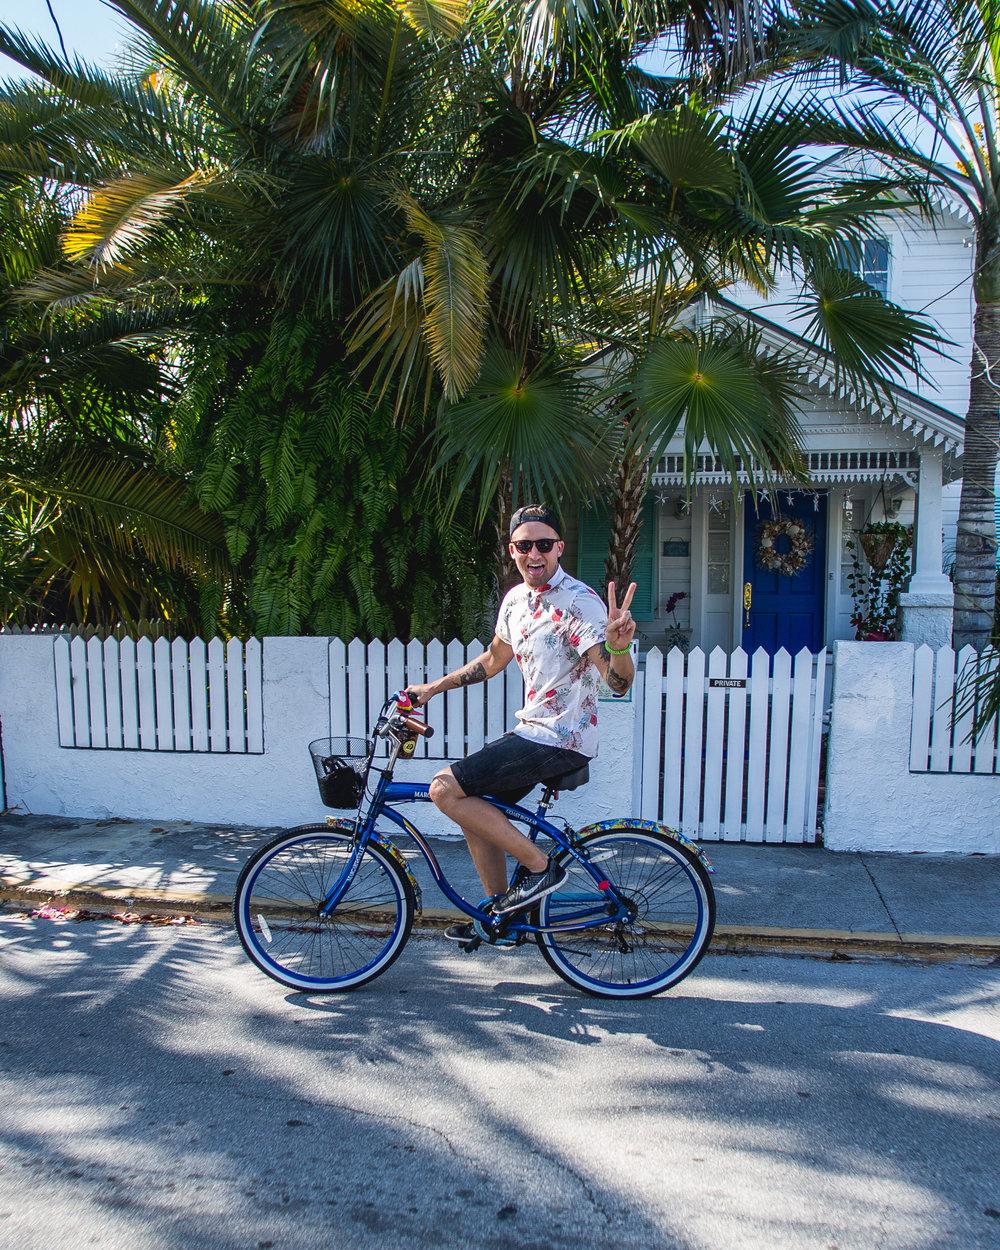 Margaritaville Key West-63.jpg